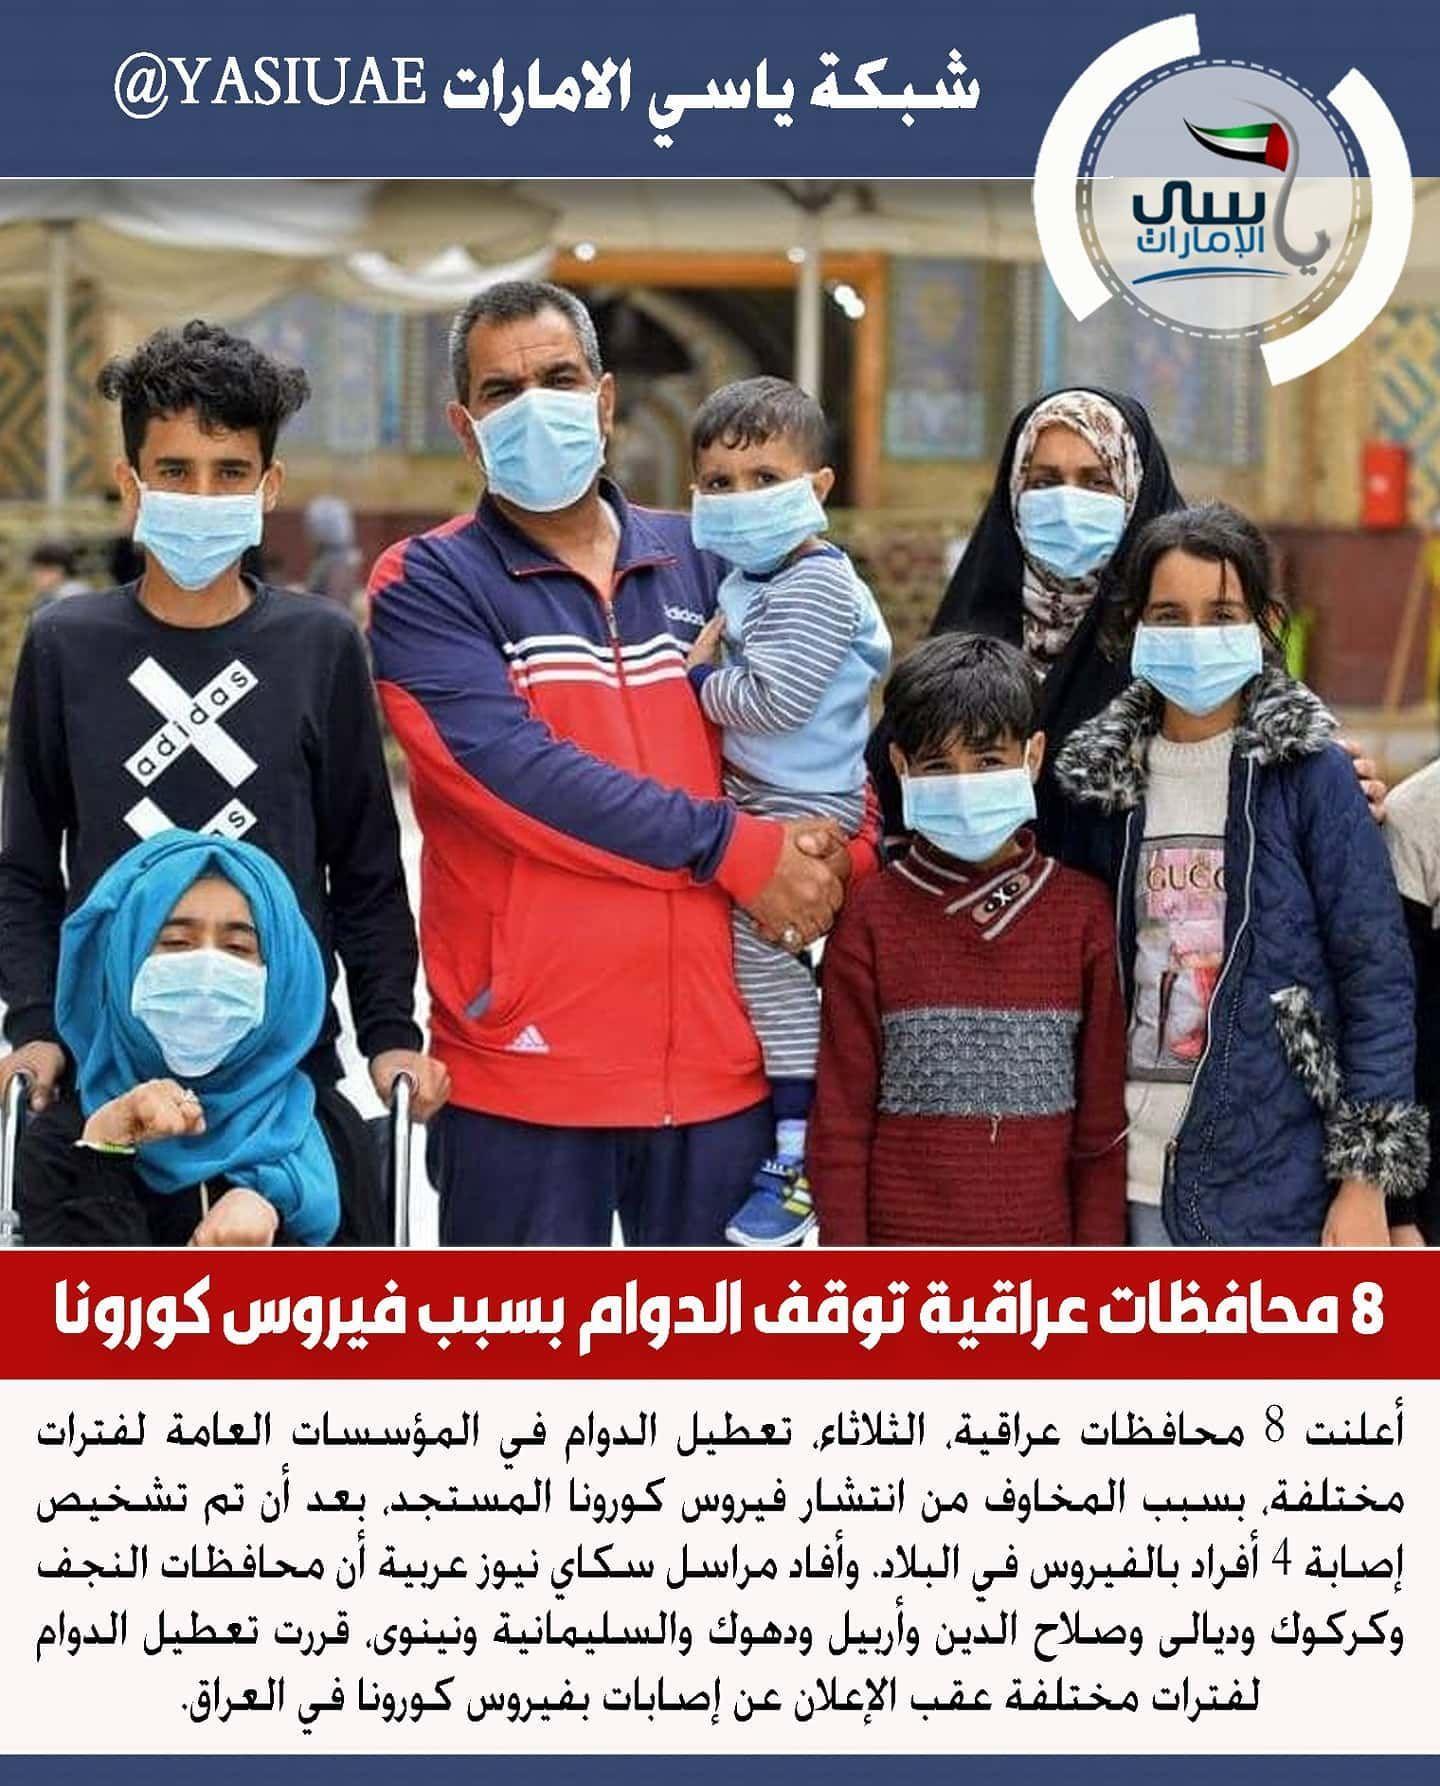 ياسي الامارات 8 محافظات عراقية توقف الدوام بسبب فيروس كورونا العراق شبكة ياسي الامارات الاخباري ابوظبي دبي عجمان الشارقة Baseball Cards Sports Baseball